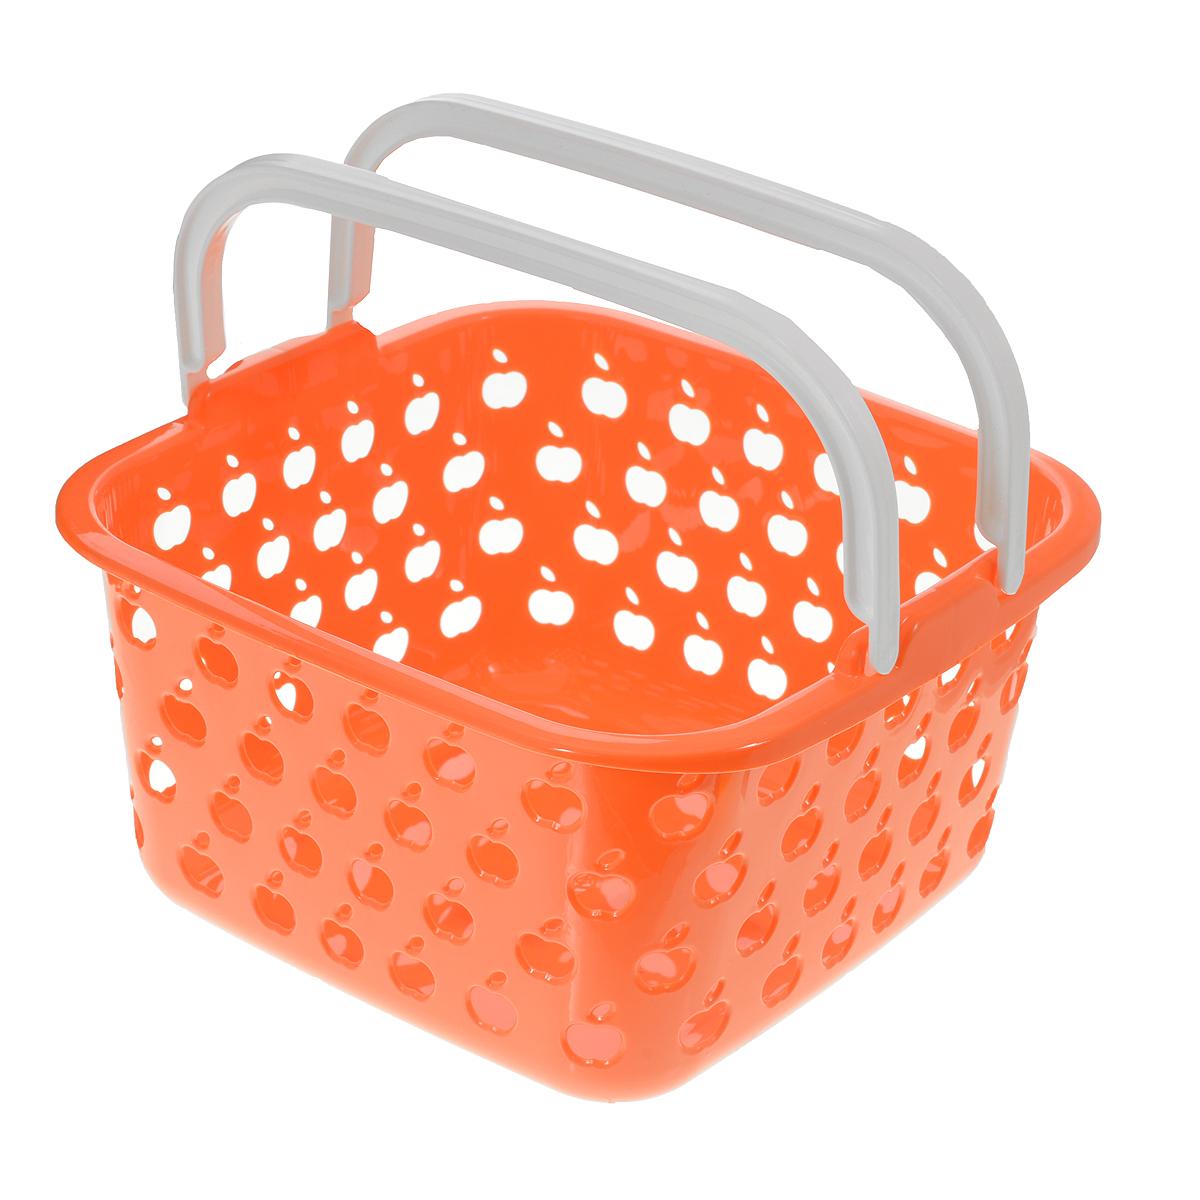 Корзина Полимербыт Стайл, цвет: оранжевый, 4 лС833Квадратная корзина Полимербыт Стайл изготовлена из высококачественного цветного пластика и декорирована перфорацией в виде яблок. Она предназначена для хранения различных мелочей дома или на даче. Для удобства переноскиимеется специальная ручка. Позволяет хранить мелкие вещи, исключая возможность их потери.Корзина очень вместительная. Элегантный выдержанный дизайн позволяет органично вписаться в ваш интерьер и стать его элементом.